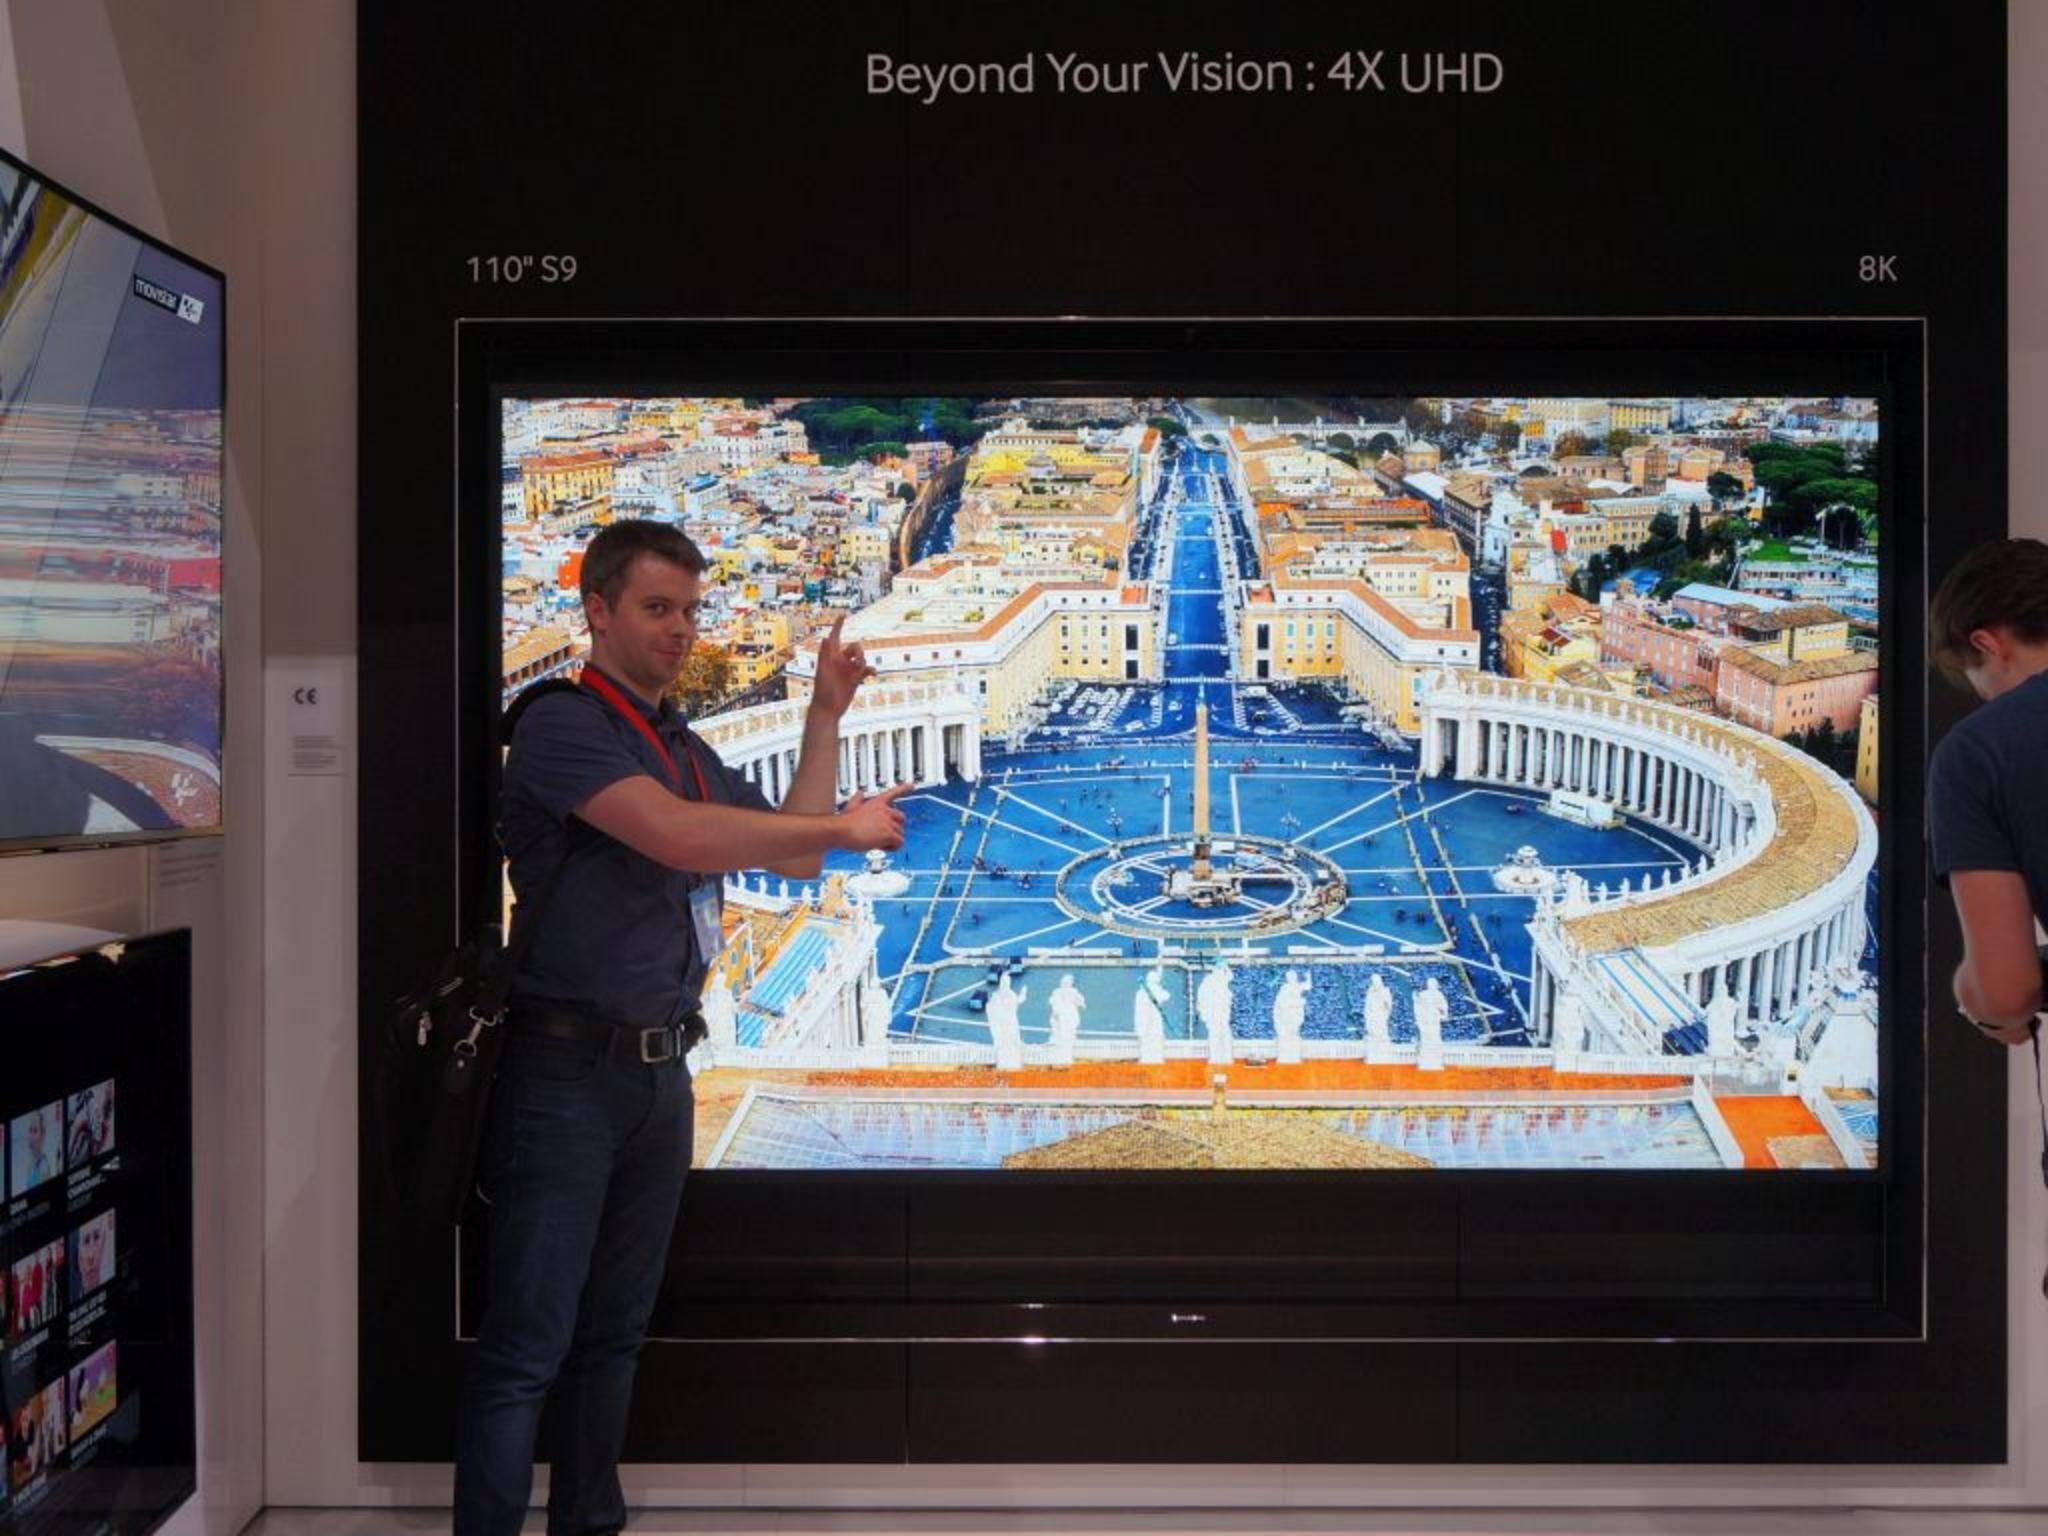 Nicht Samsung, sondern Sharp wird den ersten 8K-Fernseher in den freien Handel bringen.